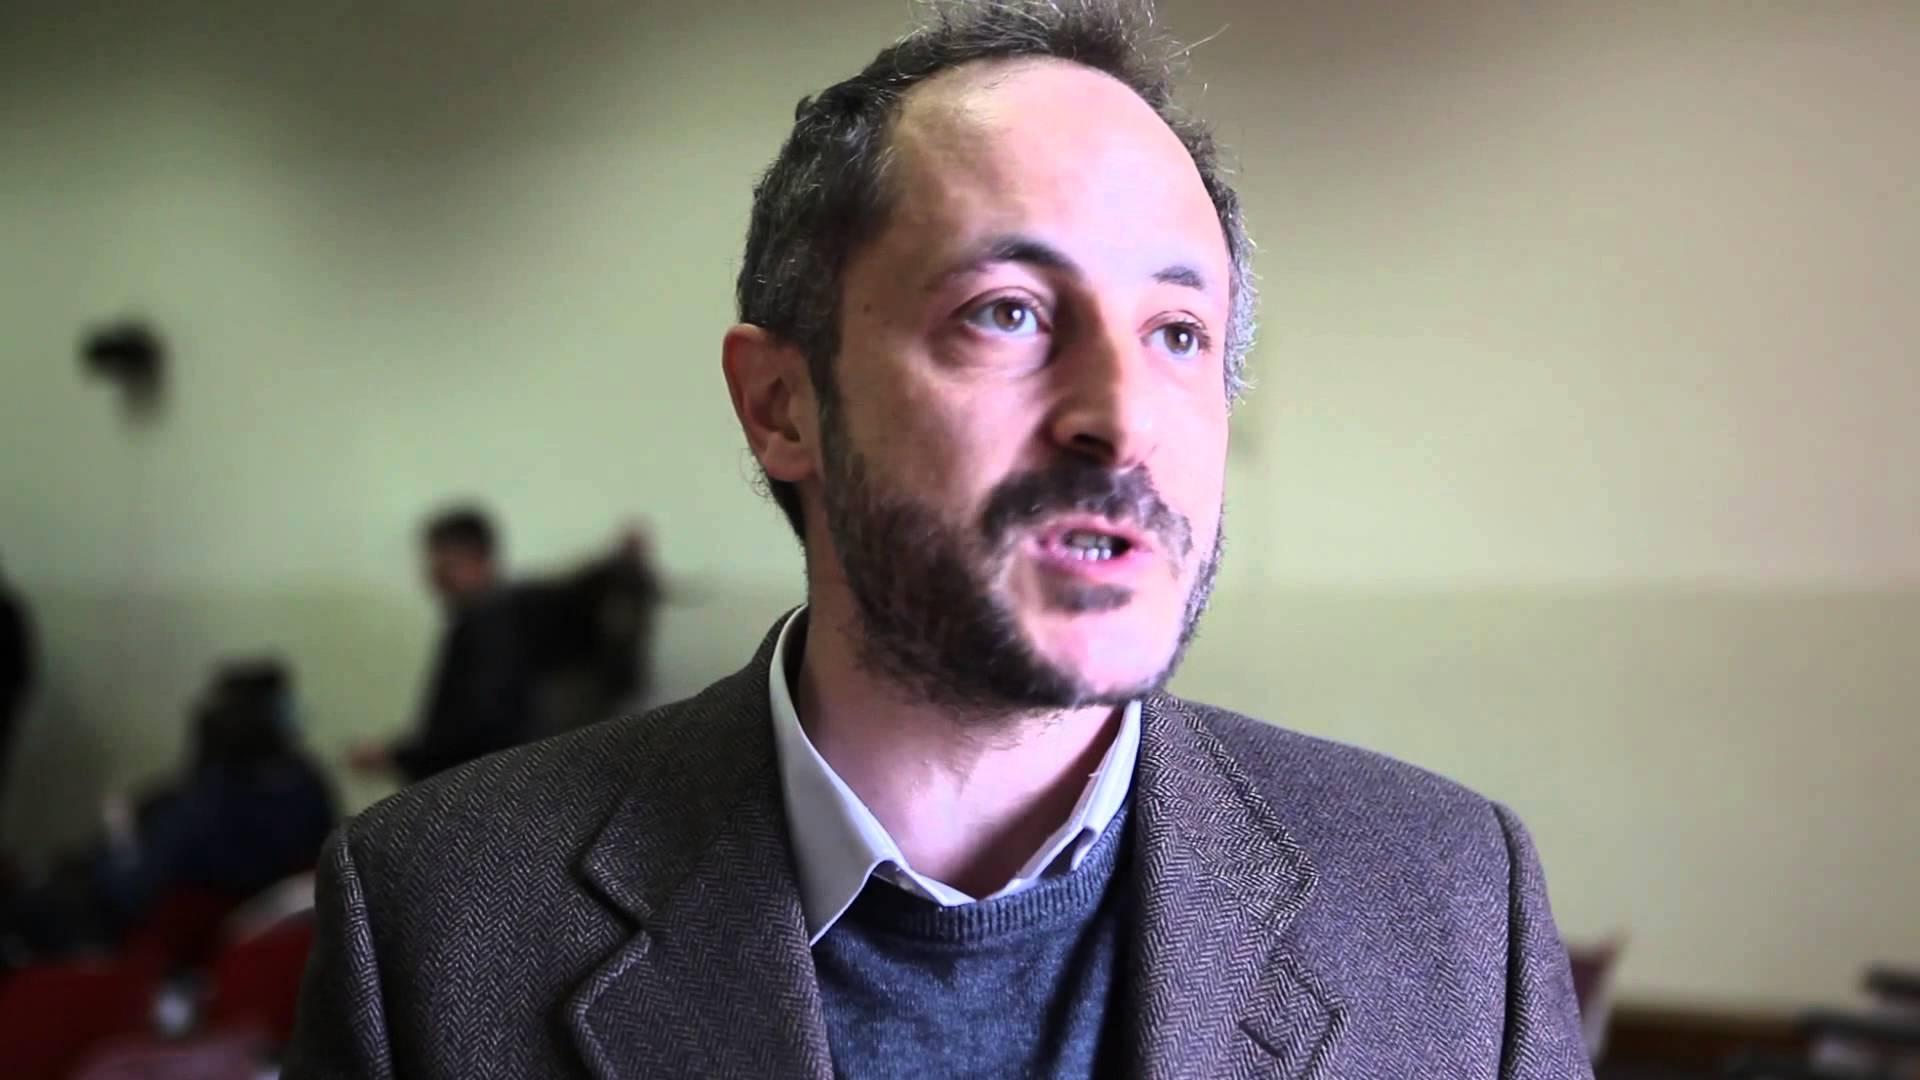 Andrea Baranes, presidente della Fondazione Culturale Responsabilità Etica e tra i fondatori della piattaforma web Zoes